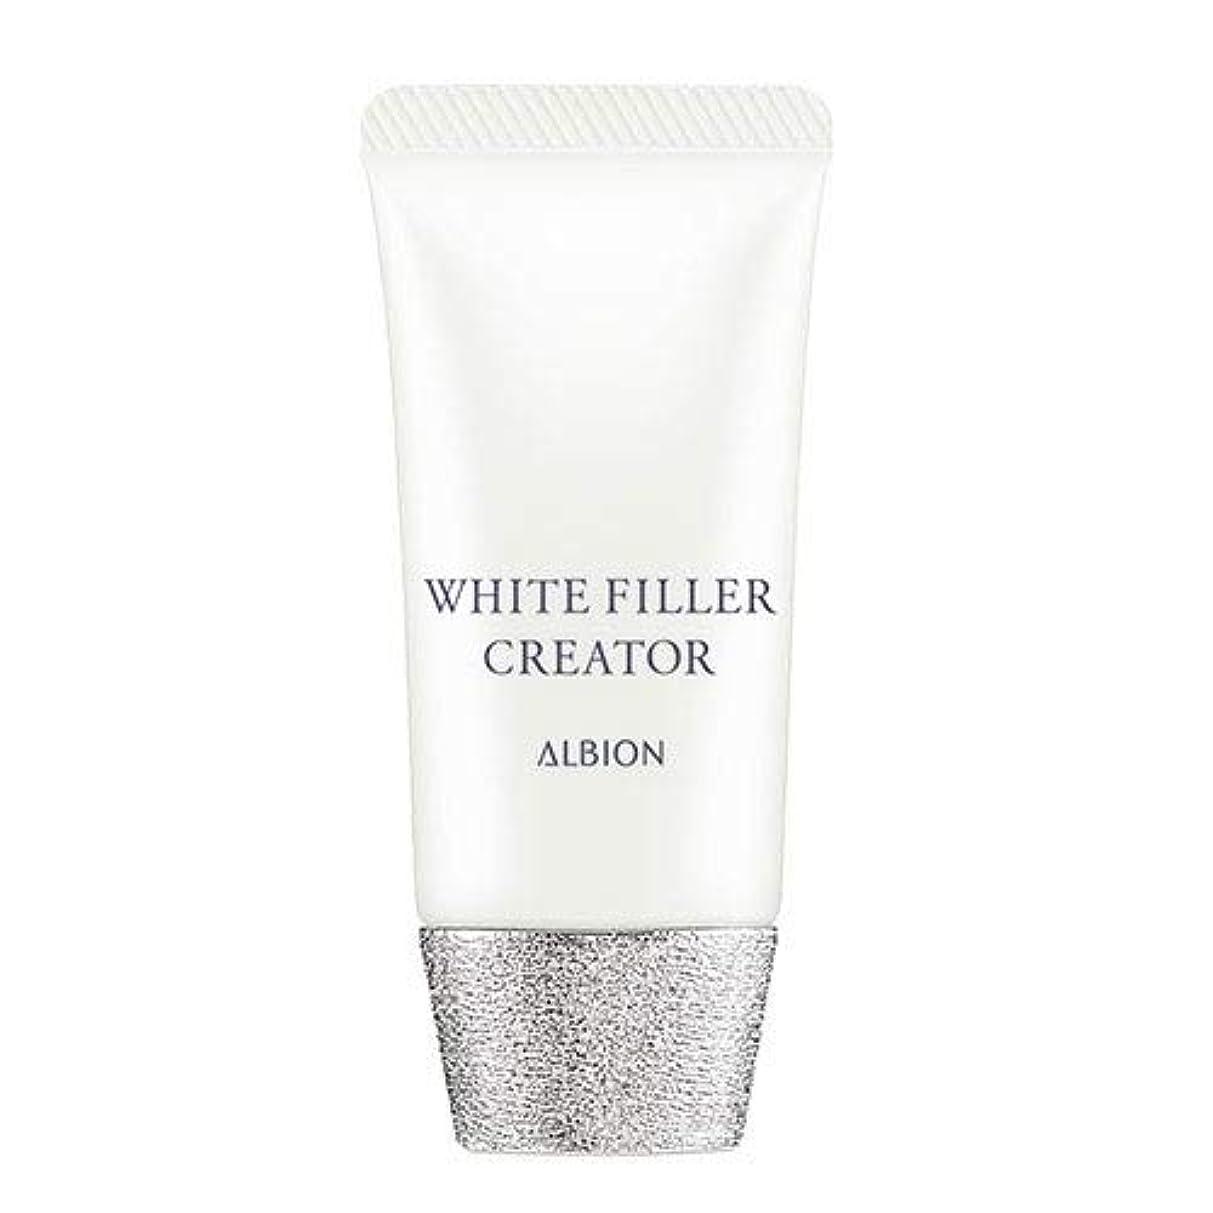 乱用有毒なチロアルビオン ホワイトフィラー クリエイター SPF35?PA+++ 30g -ALBION-